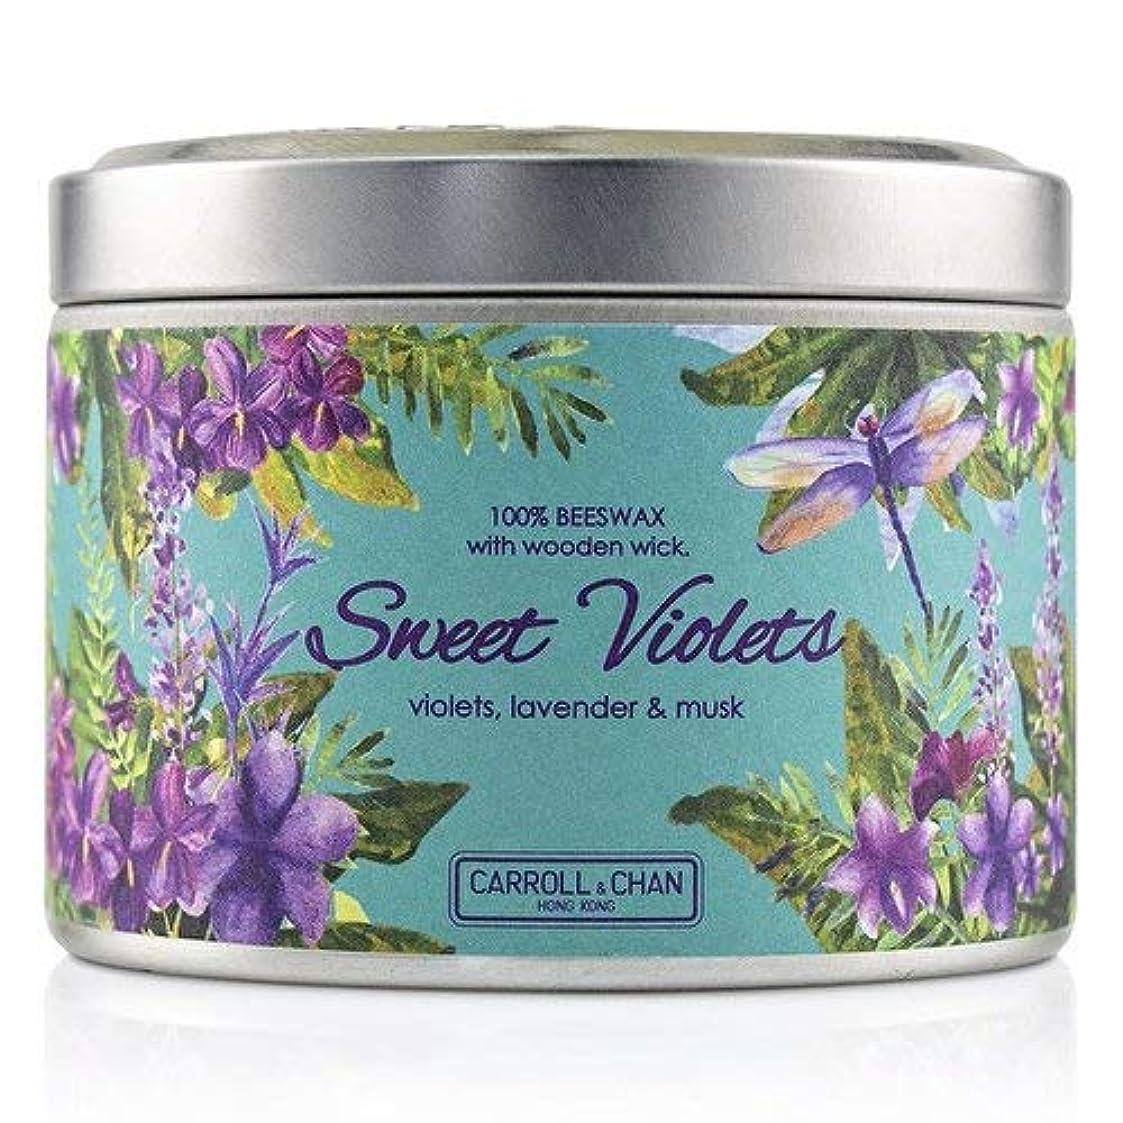 彼女平衡象キャンドル?カンパニー Tin Can 100% Beeswax Candle with Wooden Wick - Sweet Violets (8x5) cm並行輸入品